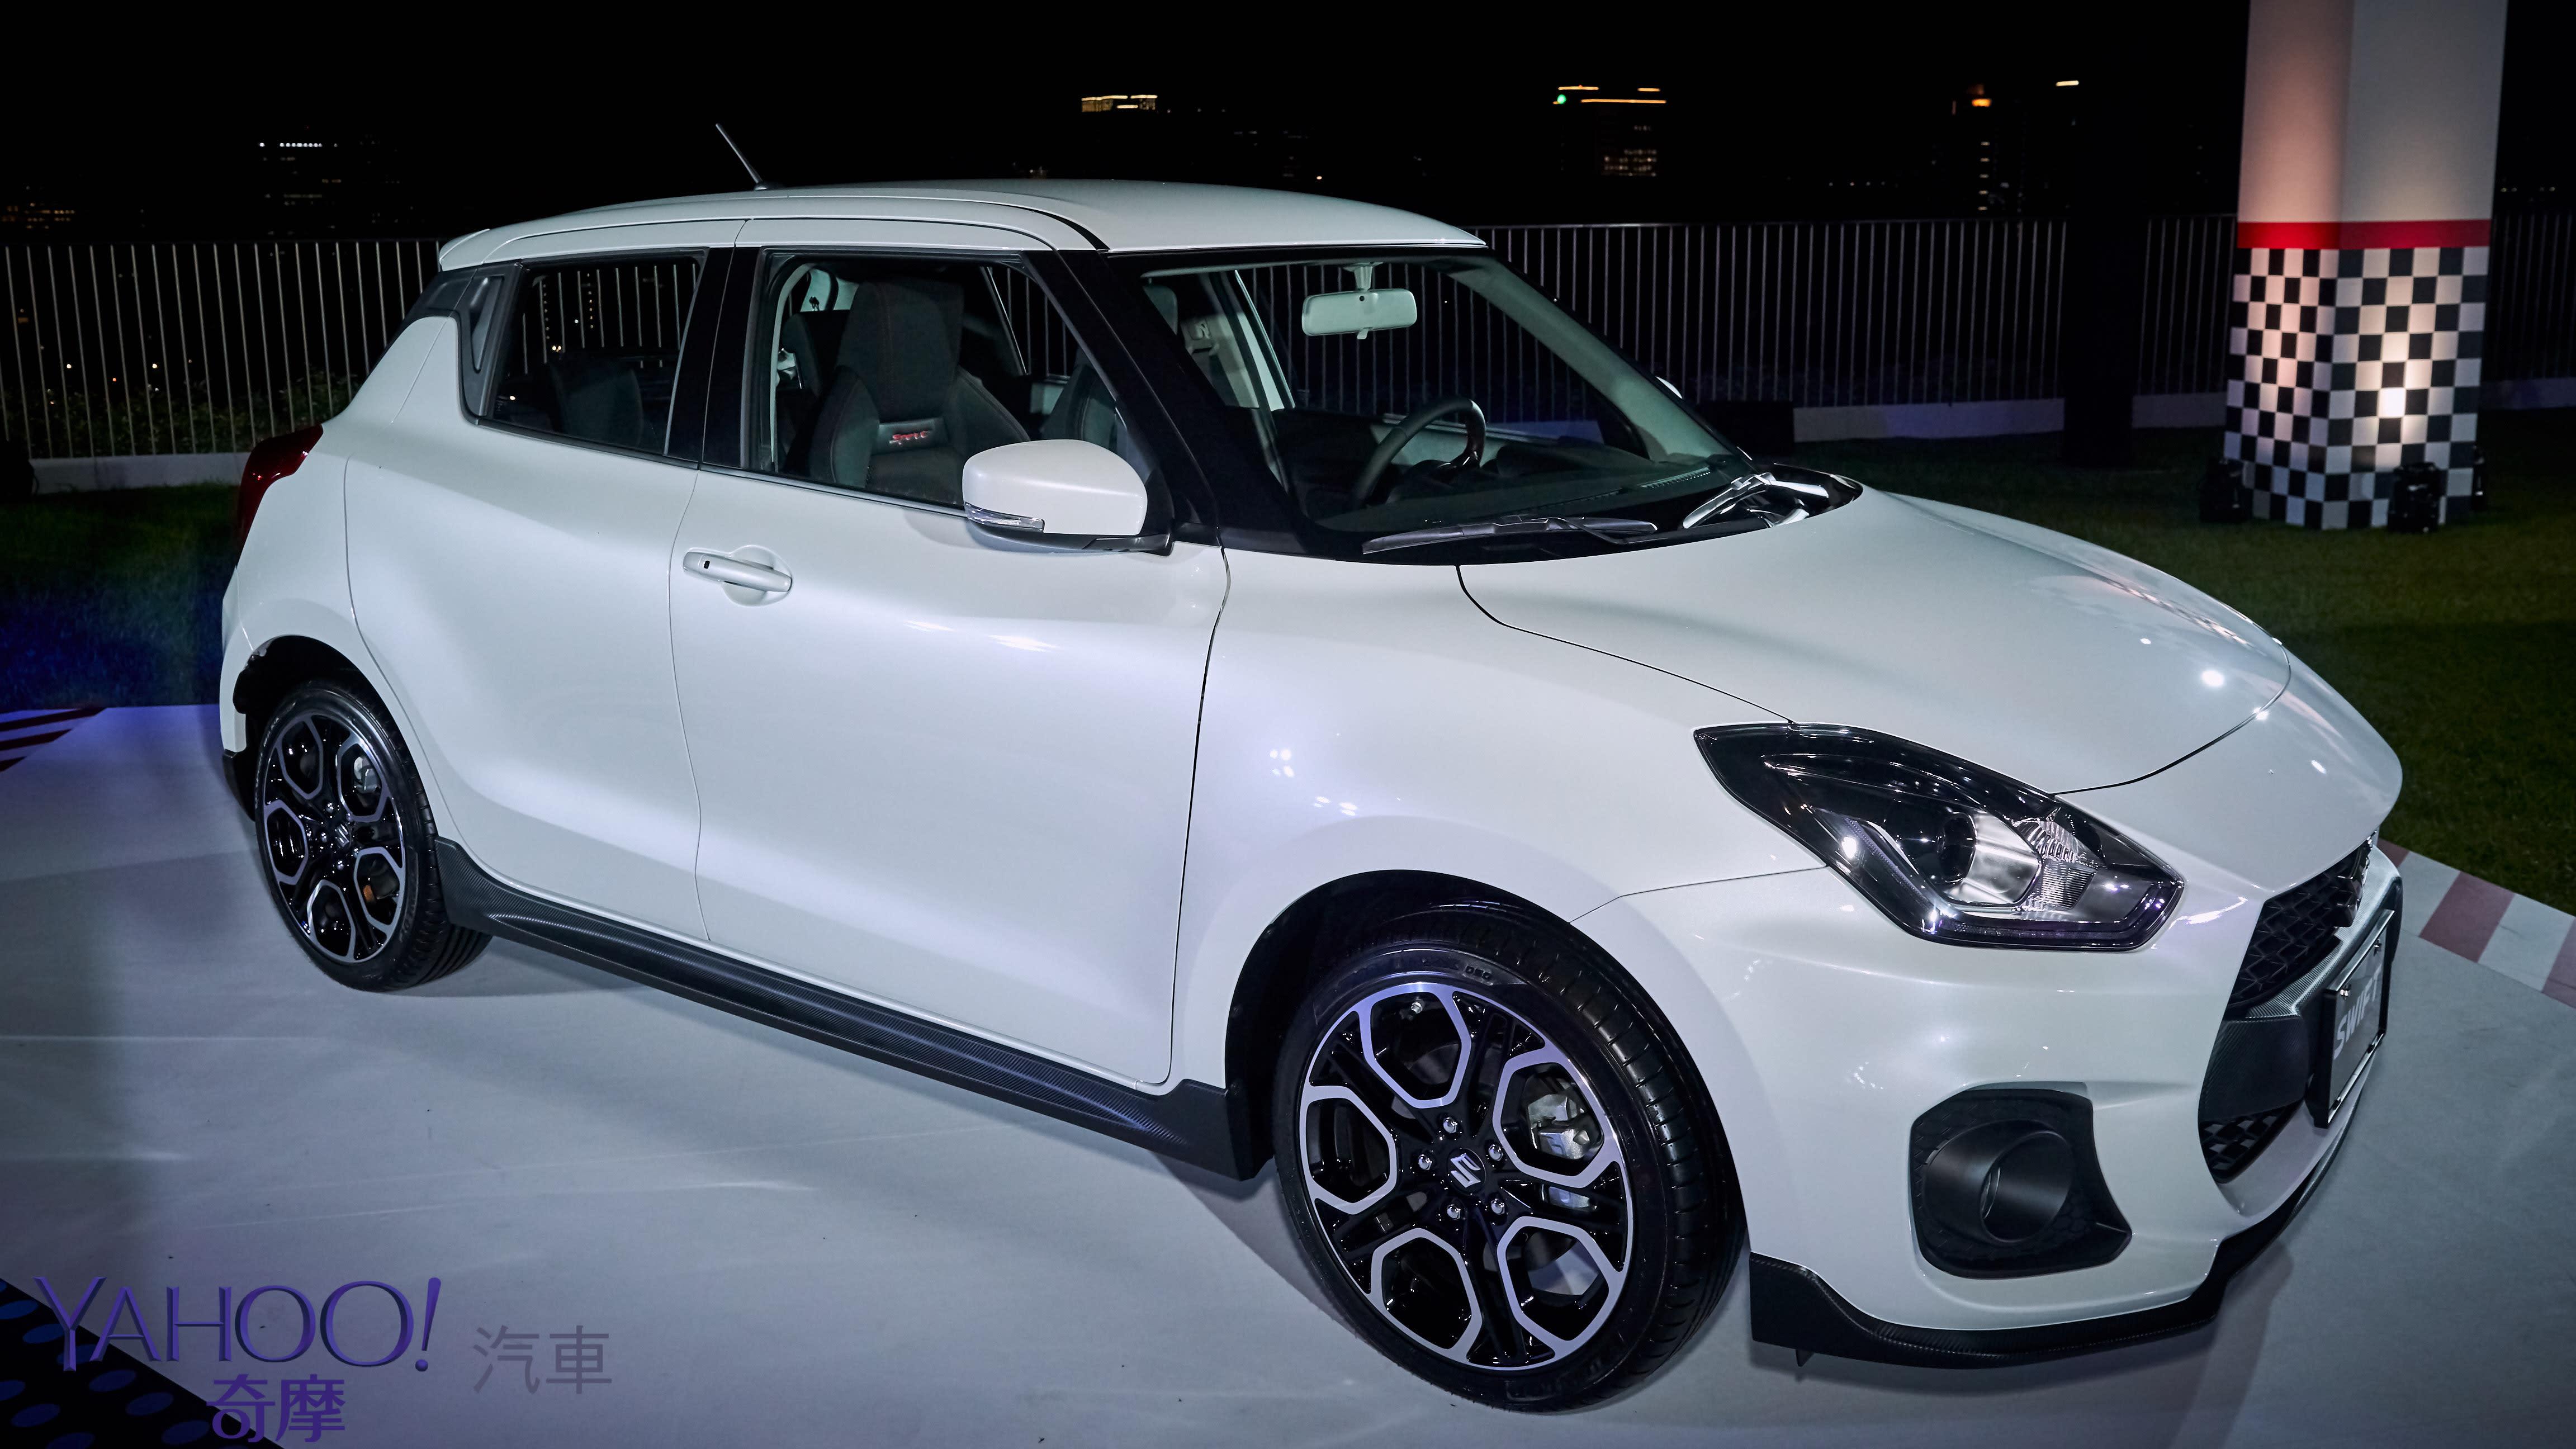 80.8萬入手最純粹的競技微鋼砲!Suzuki Swift Sport宣告正式發表! - 2